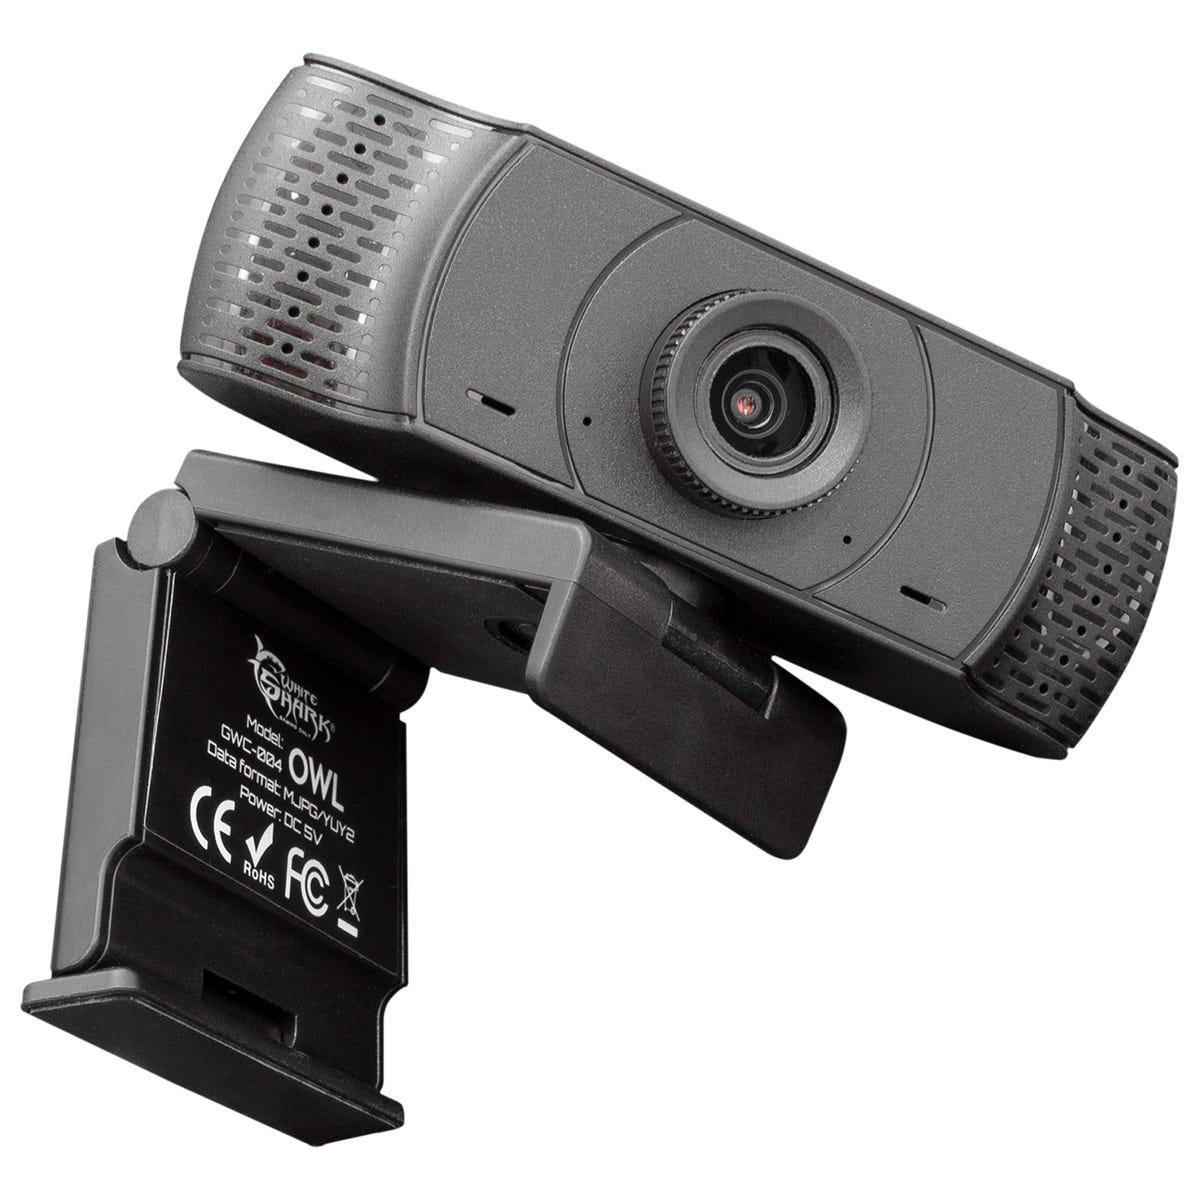 White Shark Owl GWC-004 1080P Webcam - Black